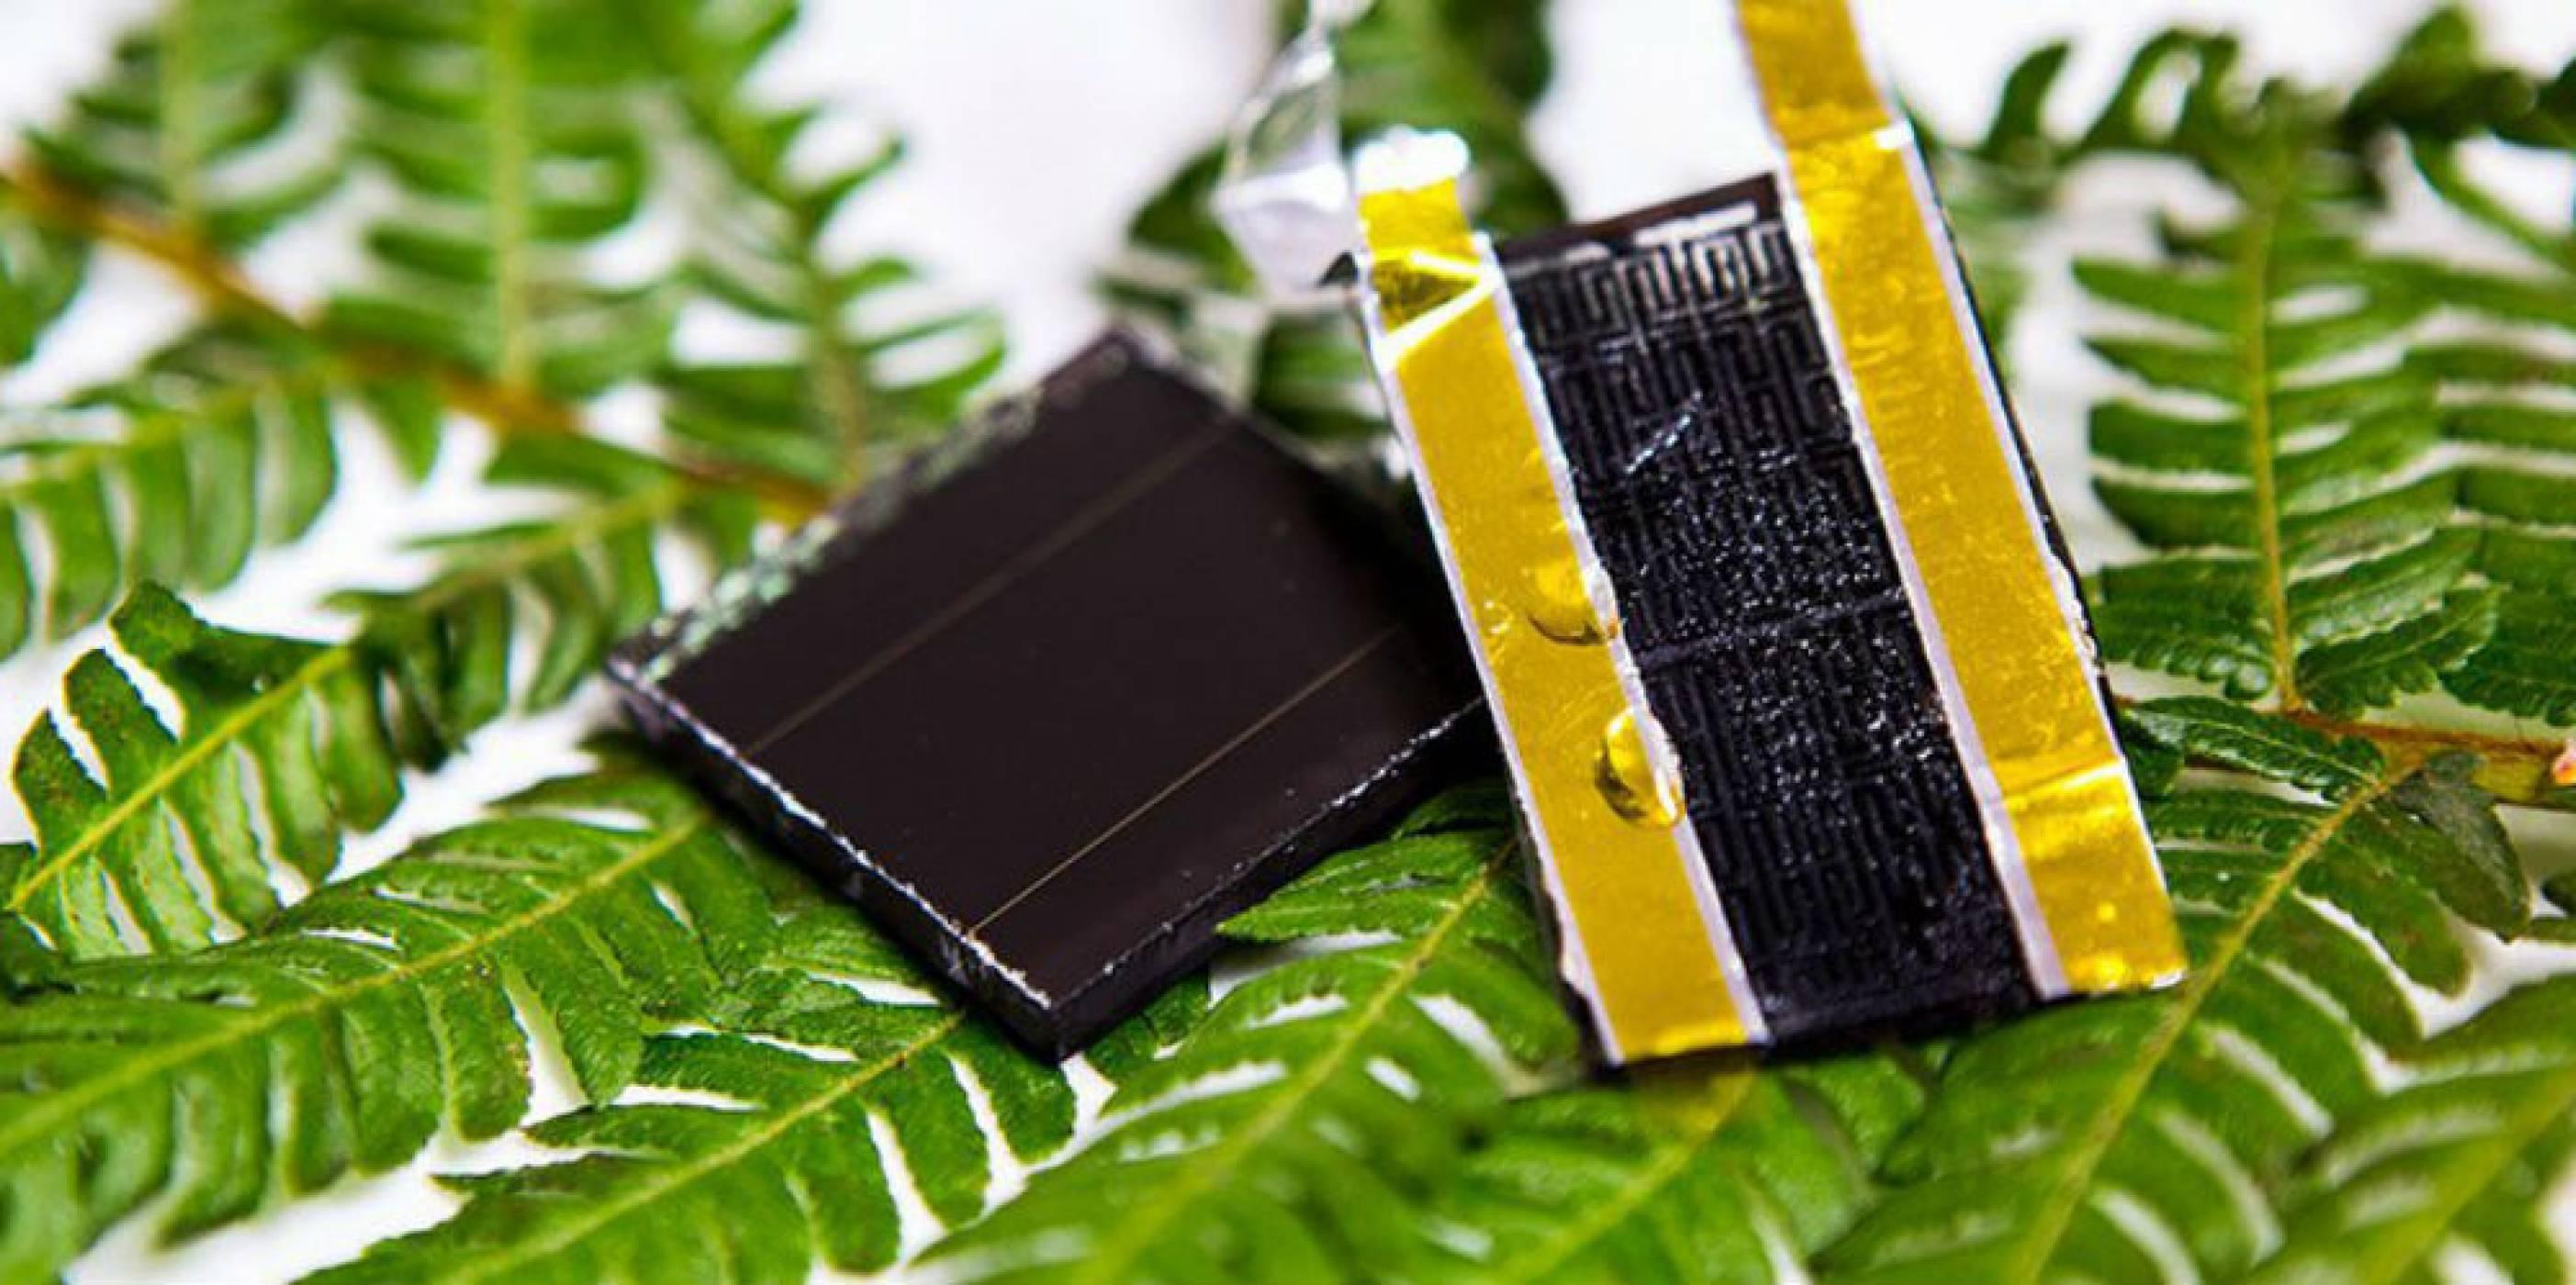 Папратовите листа помагат за създаването на нов свръхпроводник